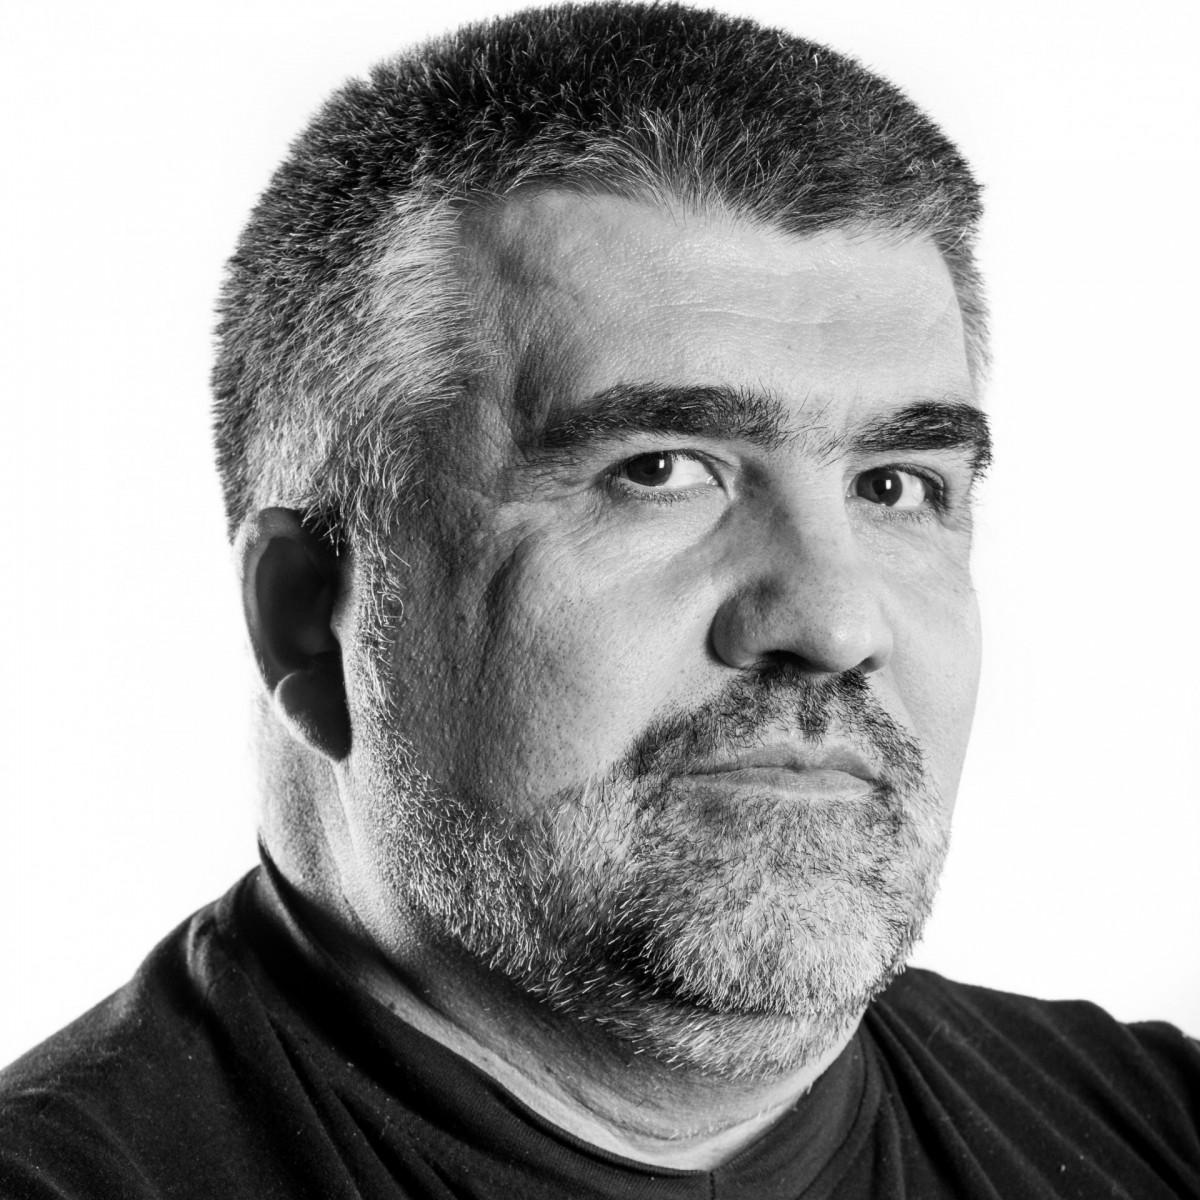 Dan Cordea